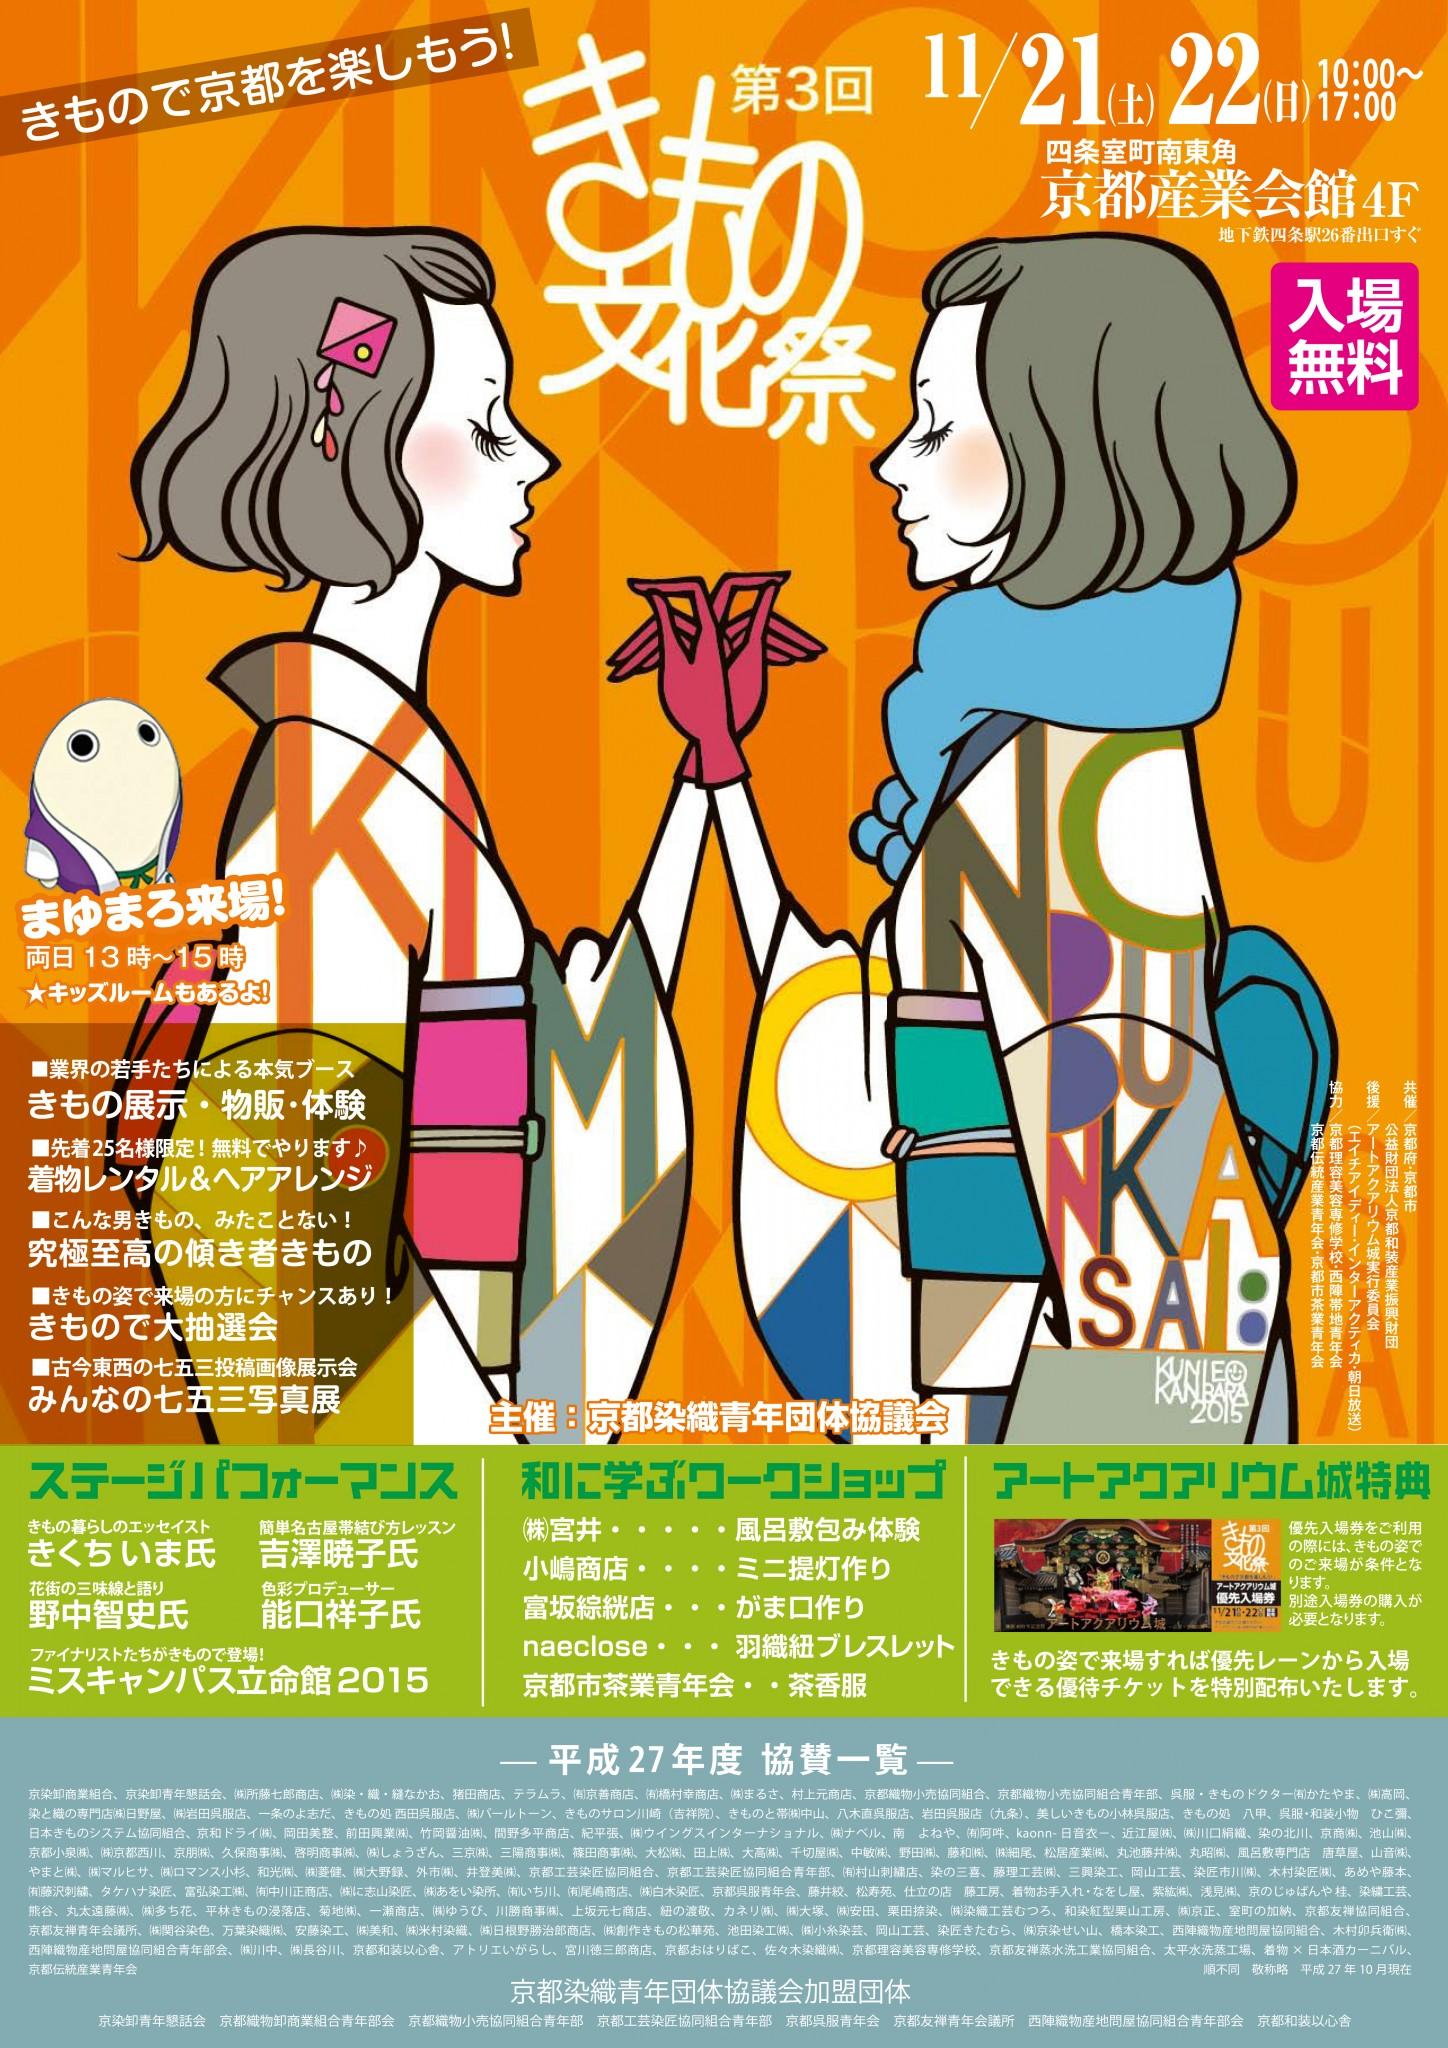 きもの文化祭A2ポスター最終CS3-OL